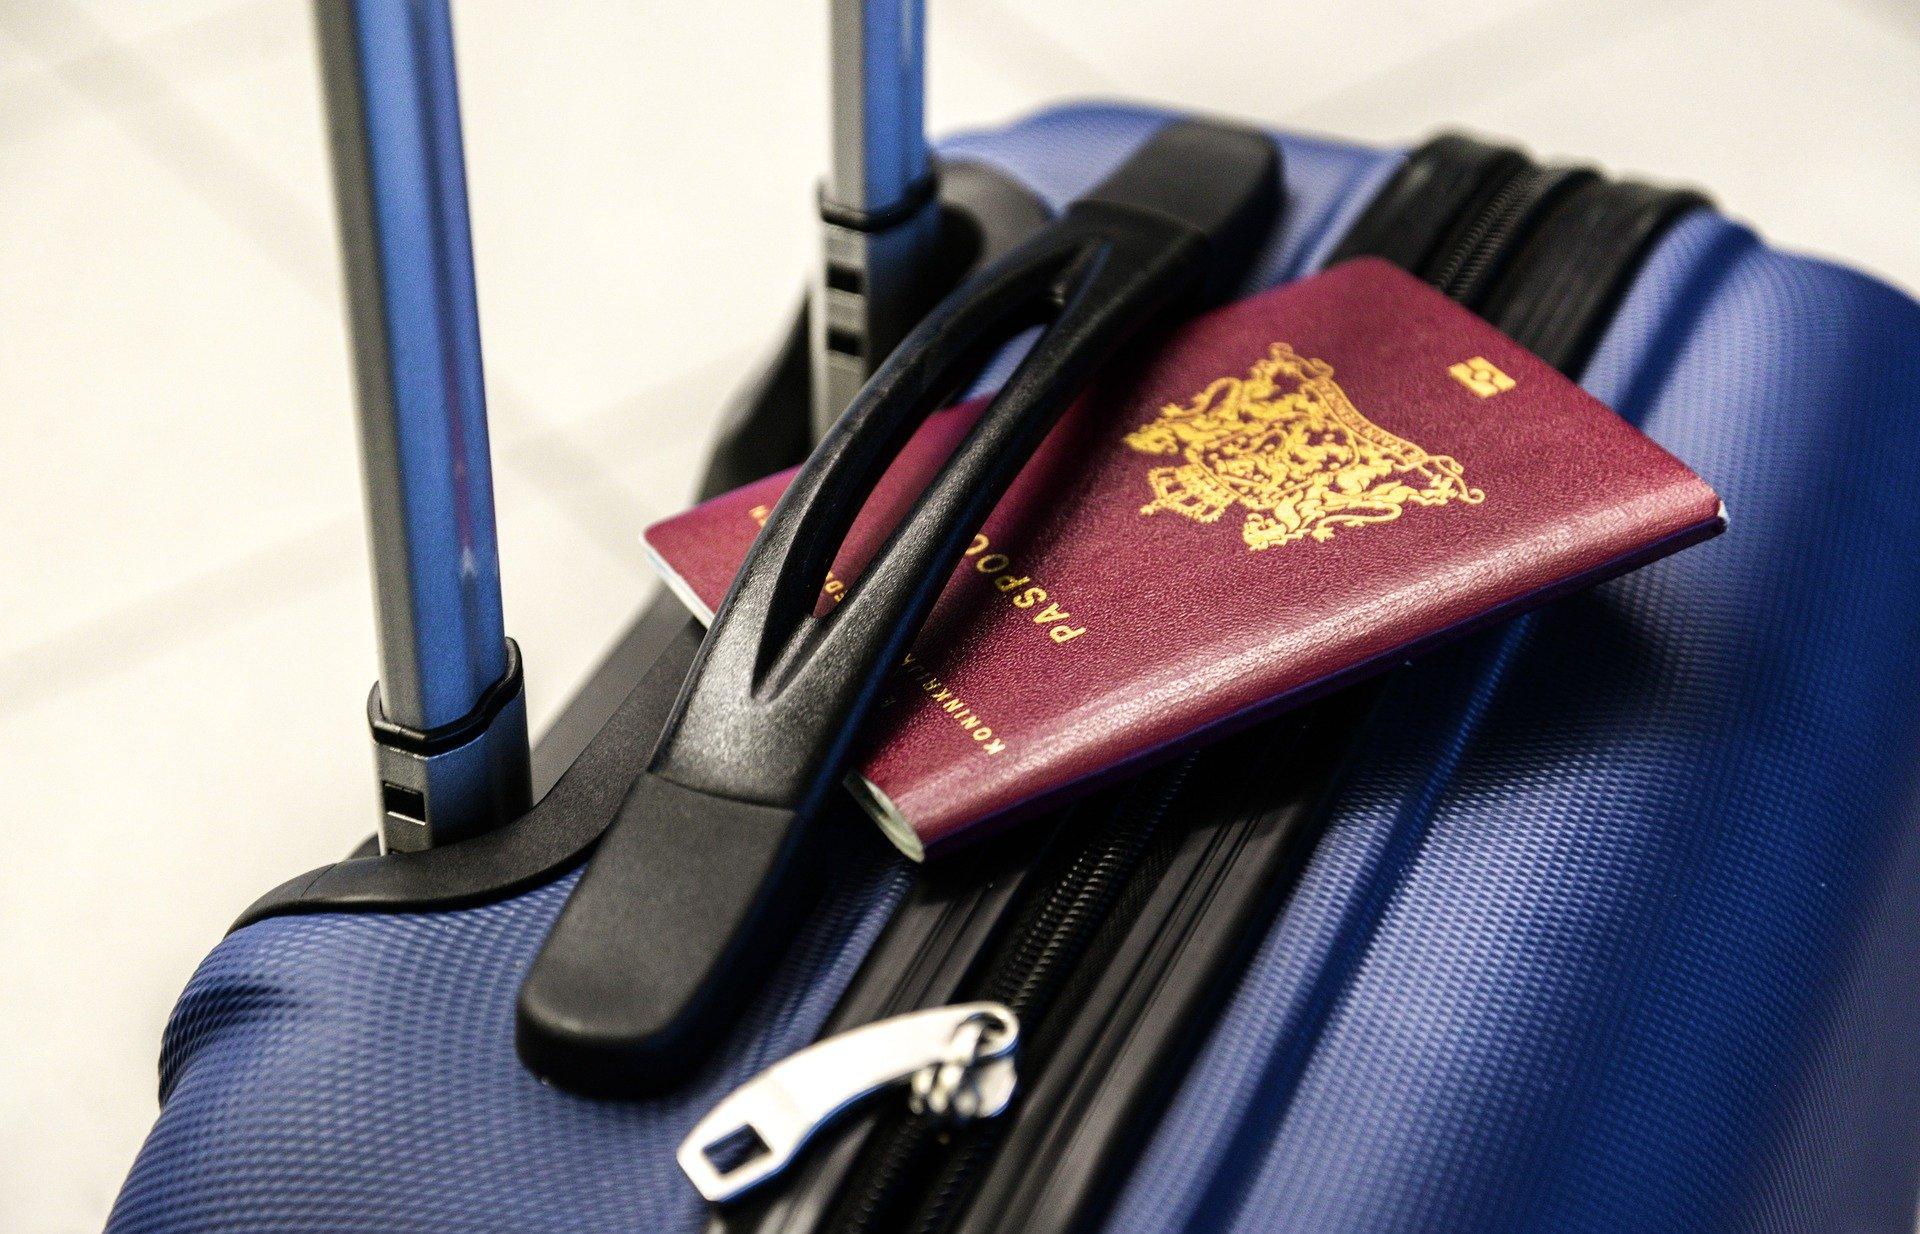 Ginebra, Suiza.- ¿Cómo serán los vuelos internacionales en el futuro? El debate se centra en cómo se podrán abordar vuelos internacionales con seguridad y a precios asequibles.